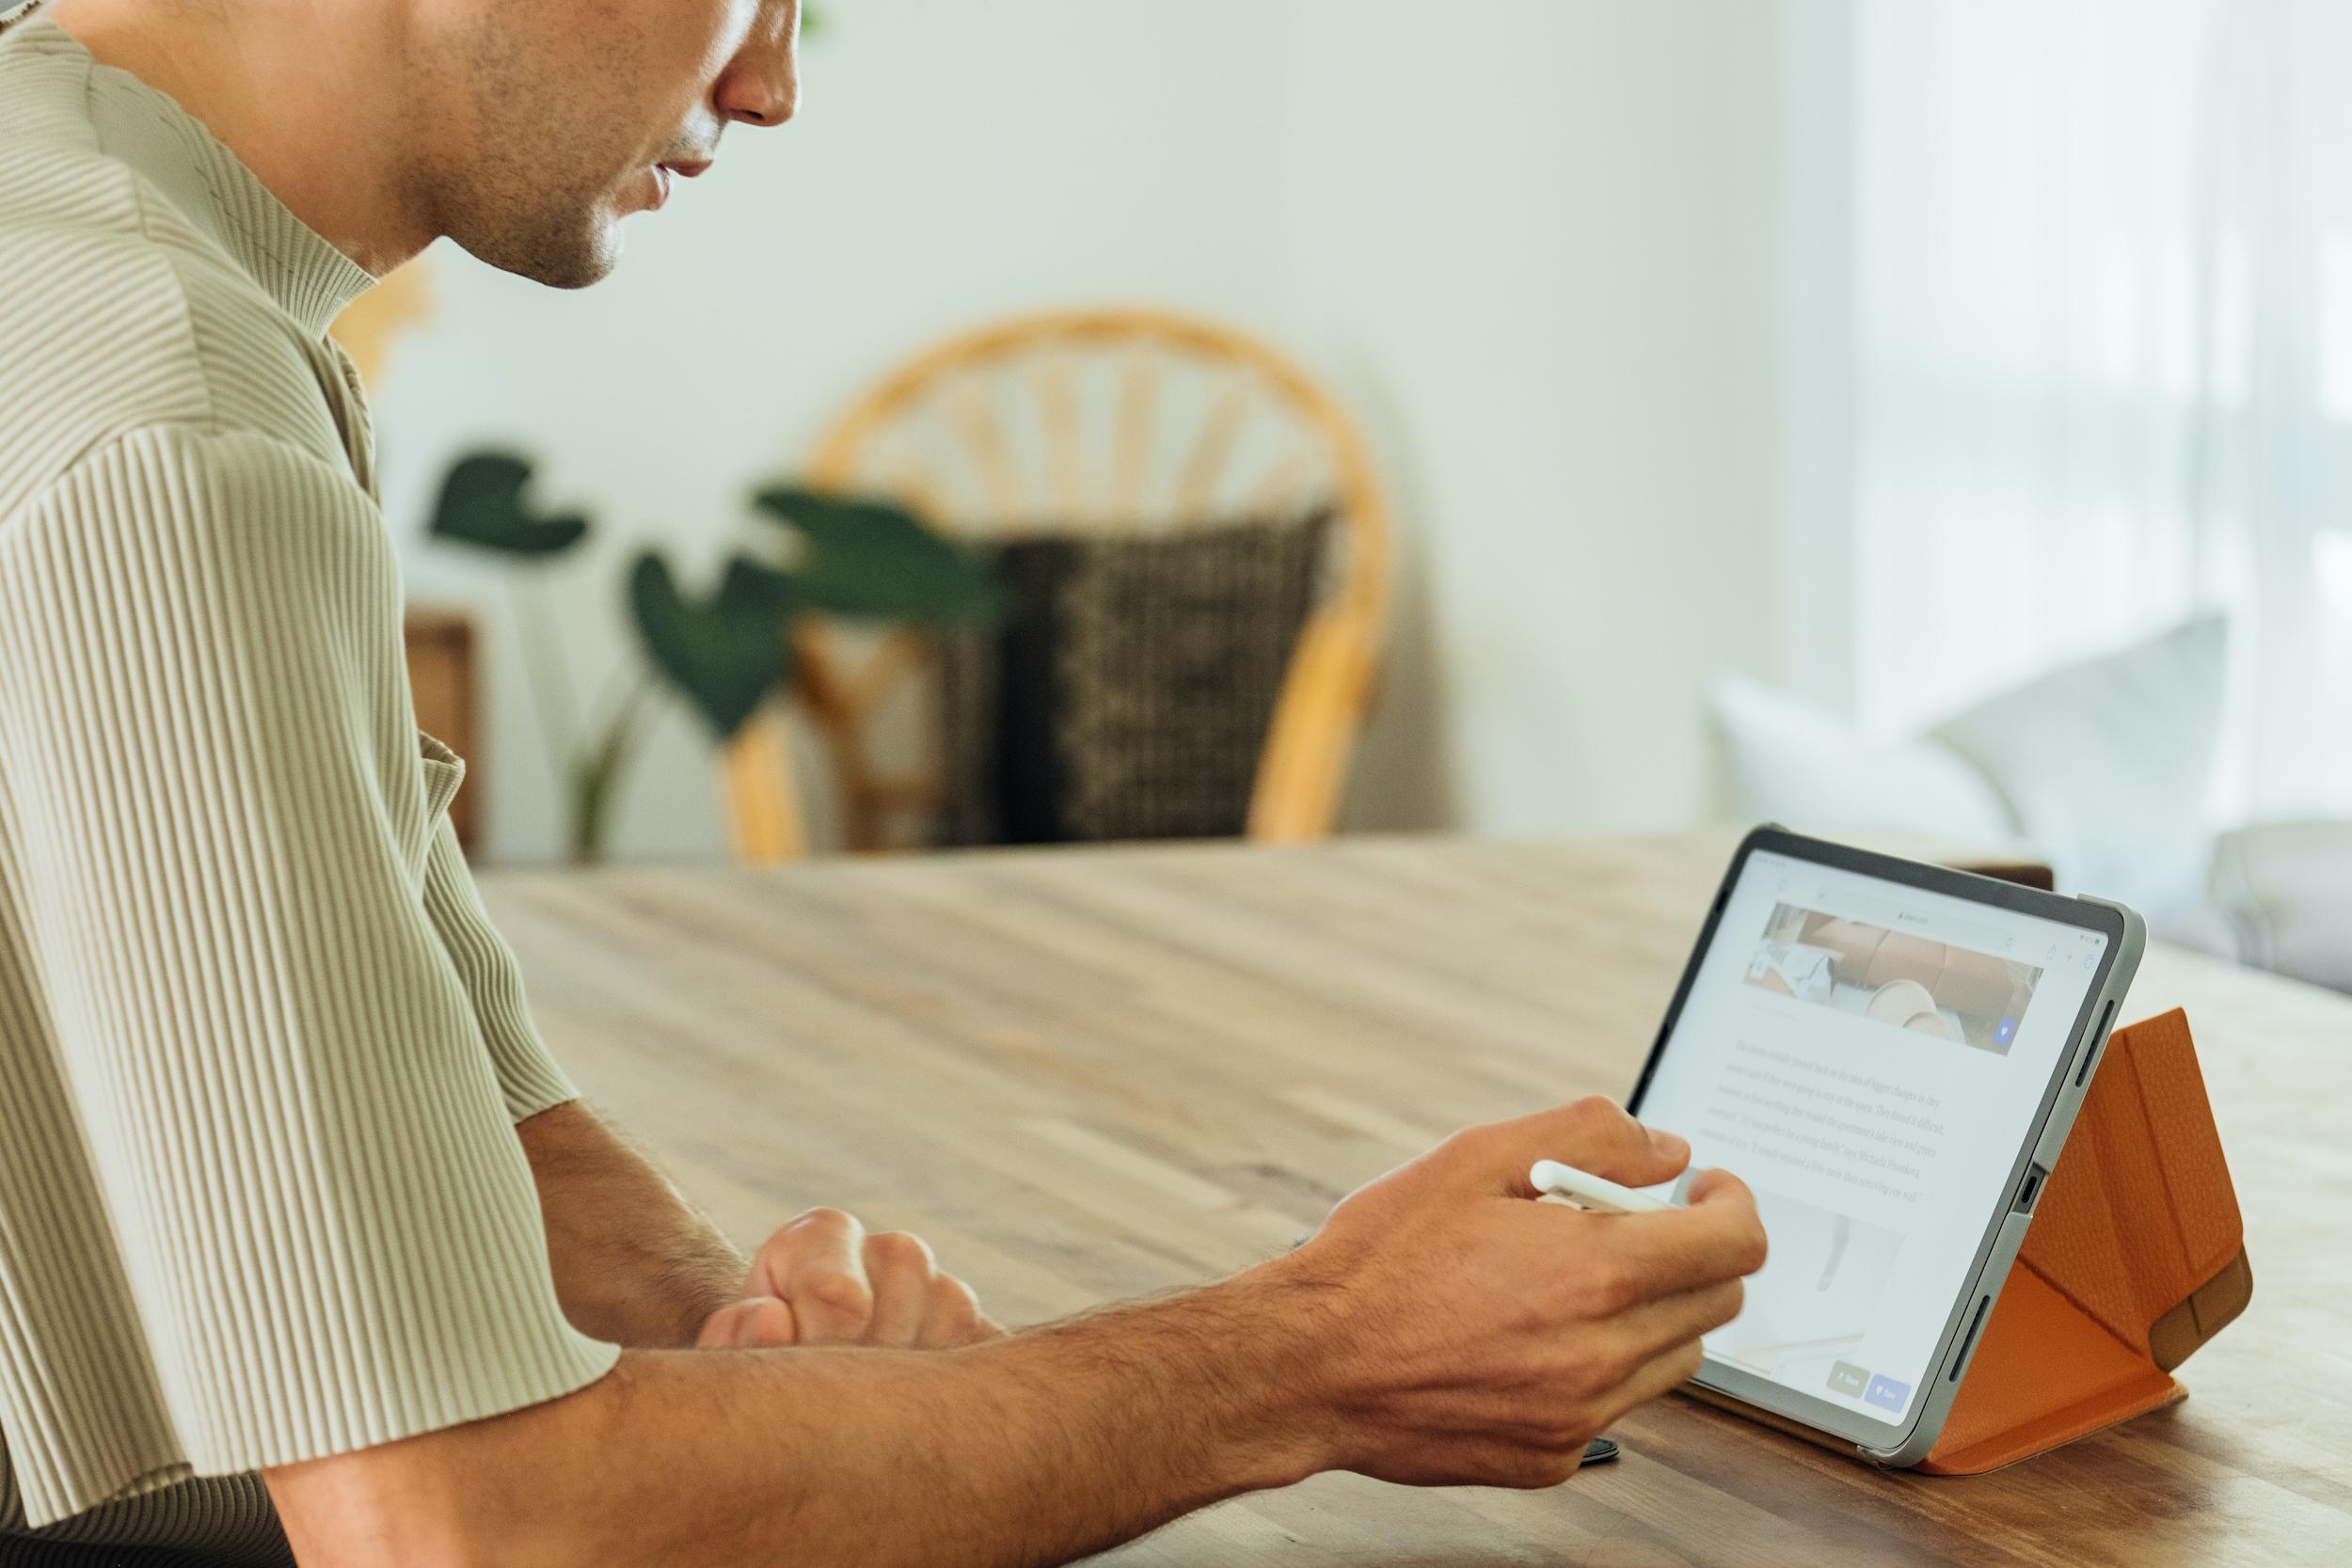 Un homme écrit sur un iPad avec un Apple Pencil sur le comptoir de la cuisine.